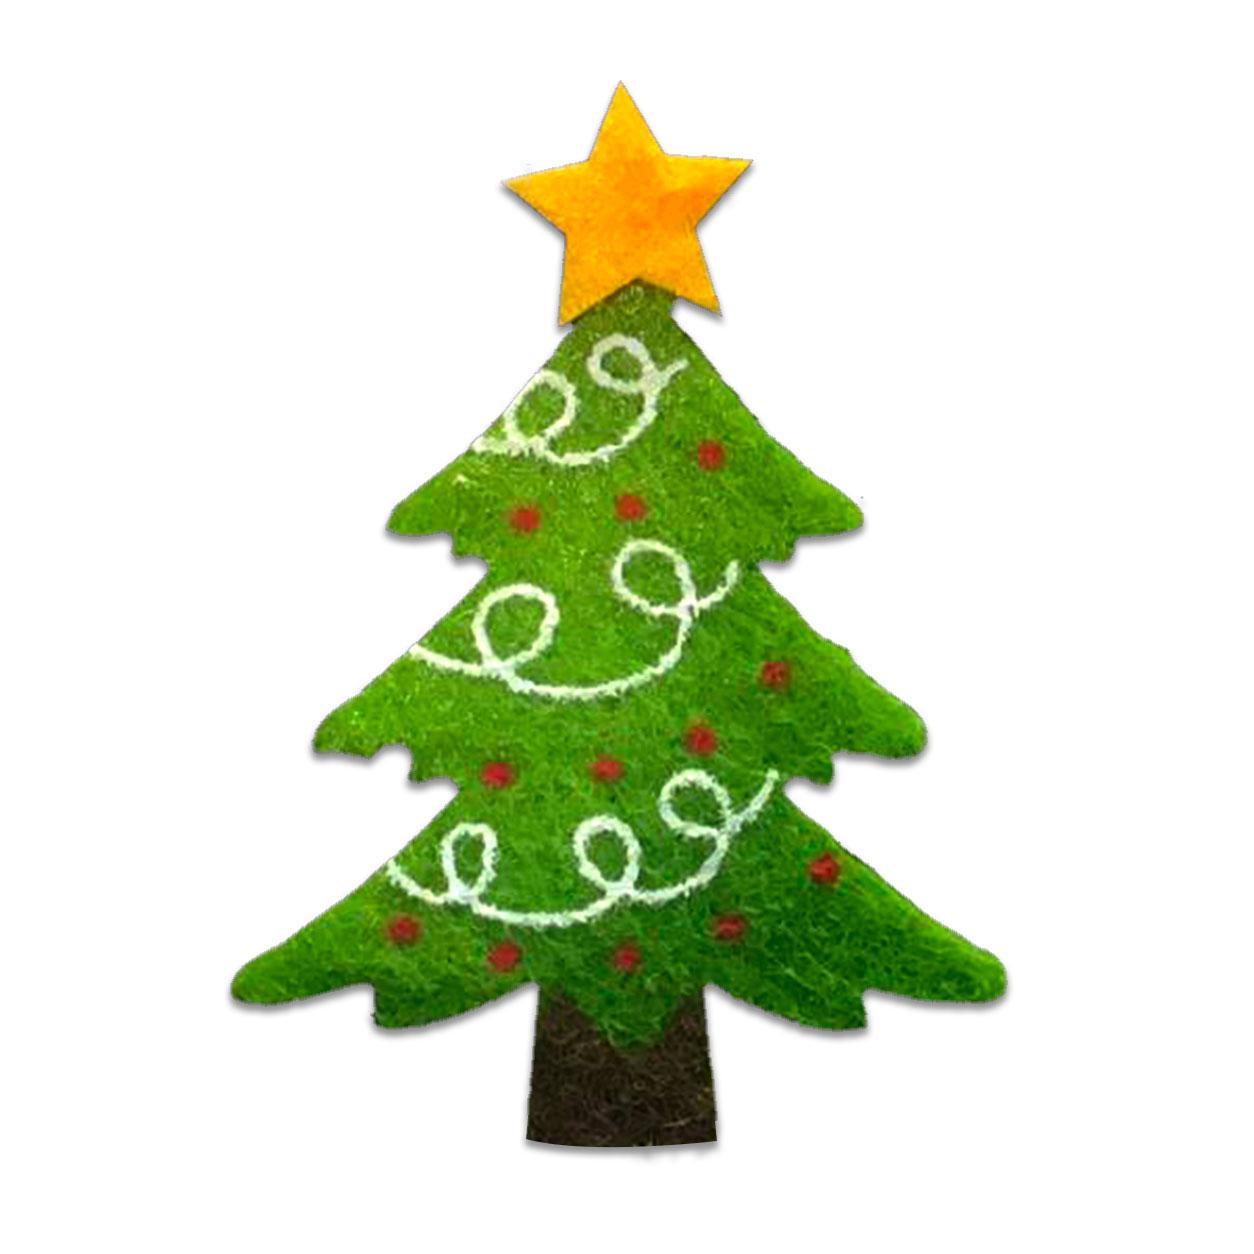 Applicazione in Feltro Natalizia Albero di Natale Decorato